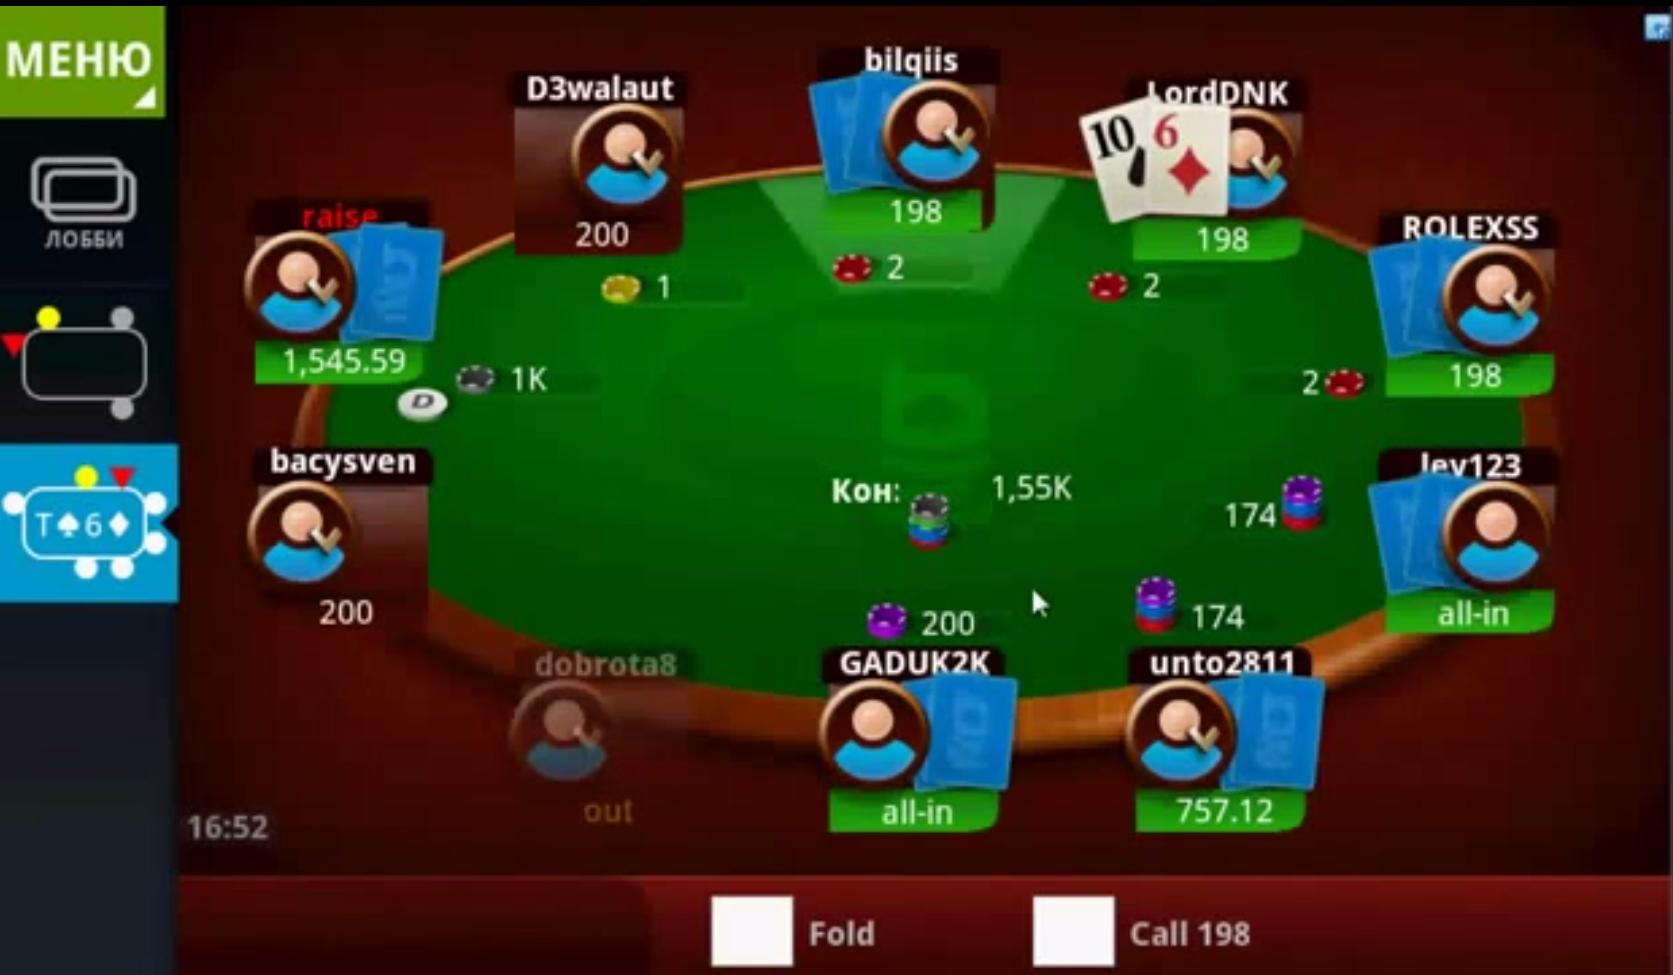 стрип покер видео онлайн